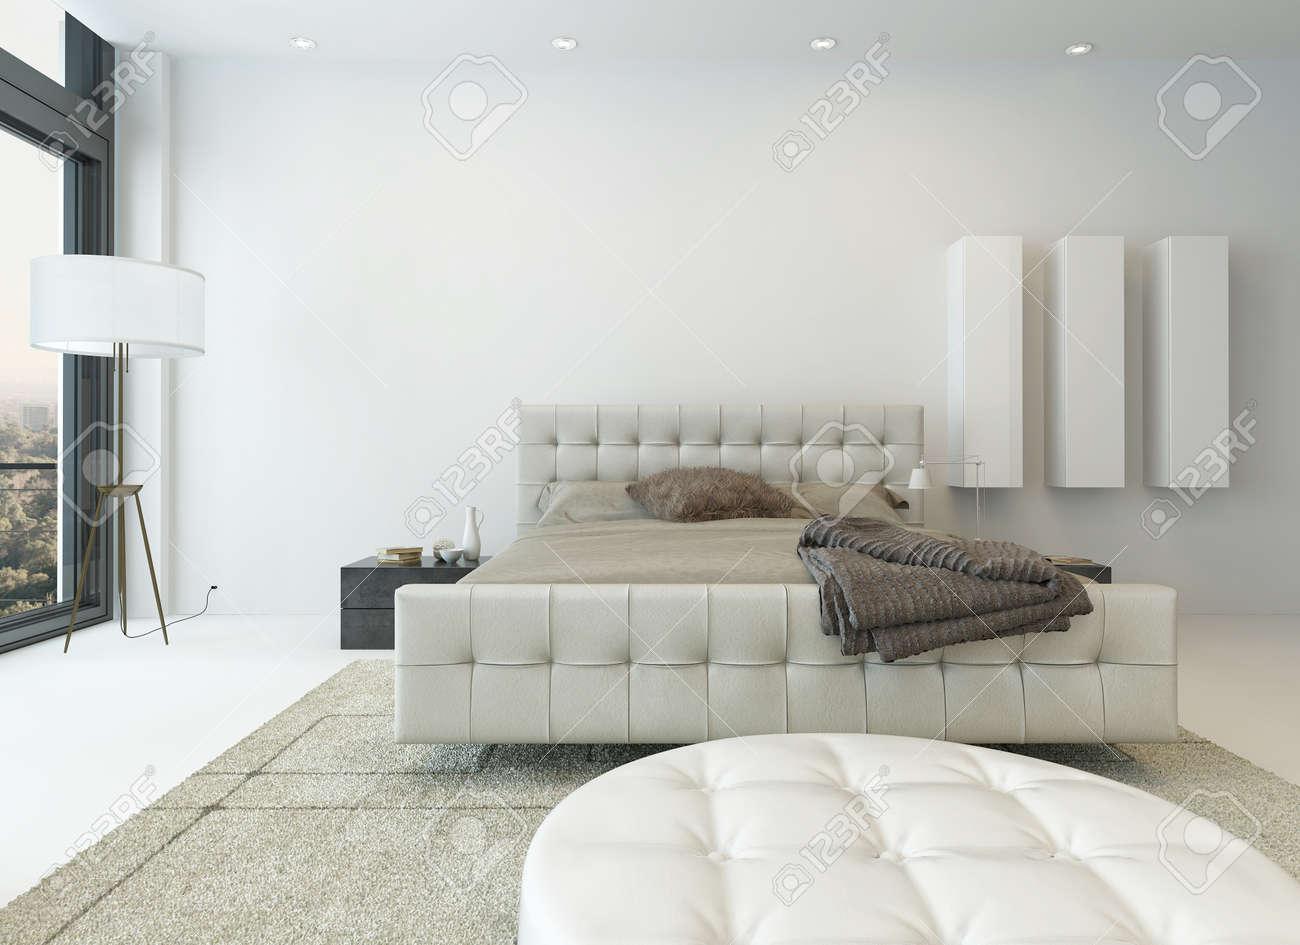 banque d images interieur de chambre a coucher blanc lumineux avec de beaux meubles